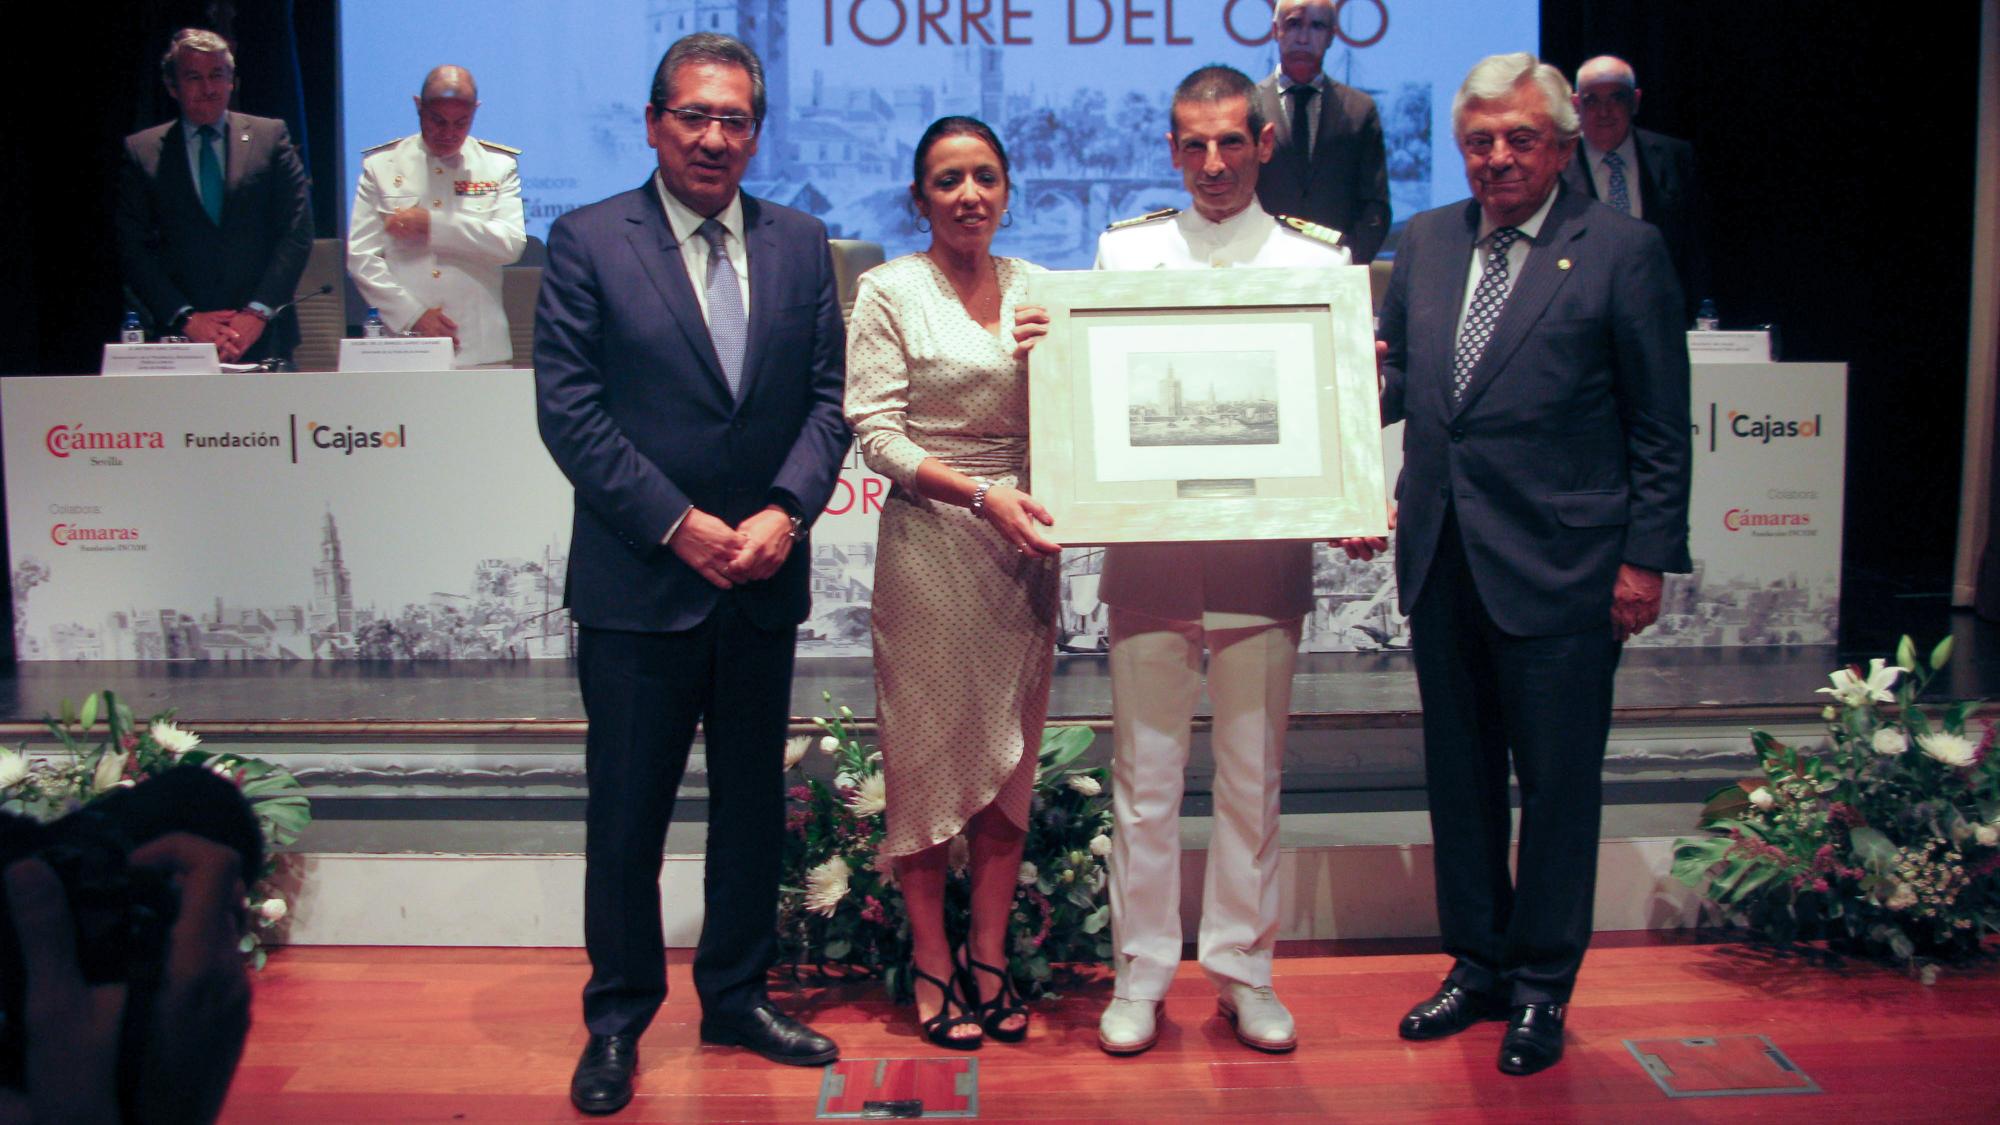 Premios Torre del Oro (1 de 1)